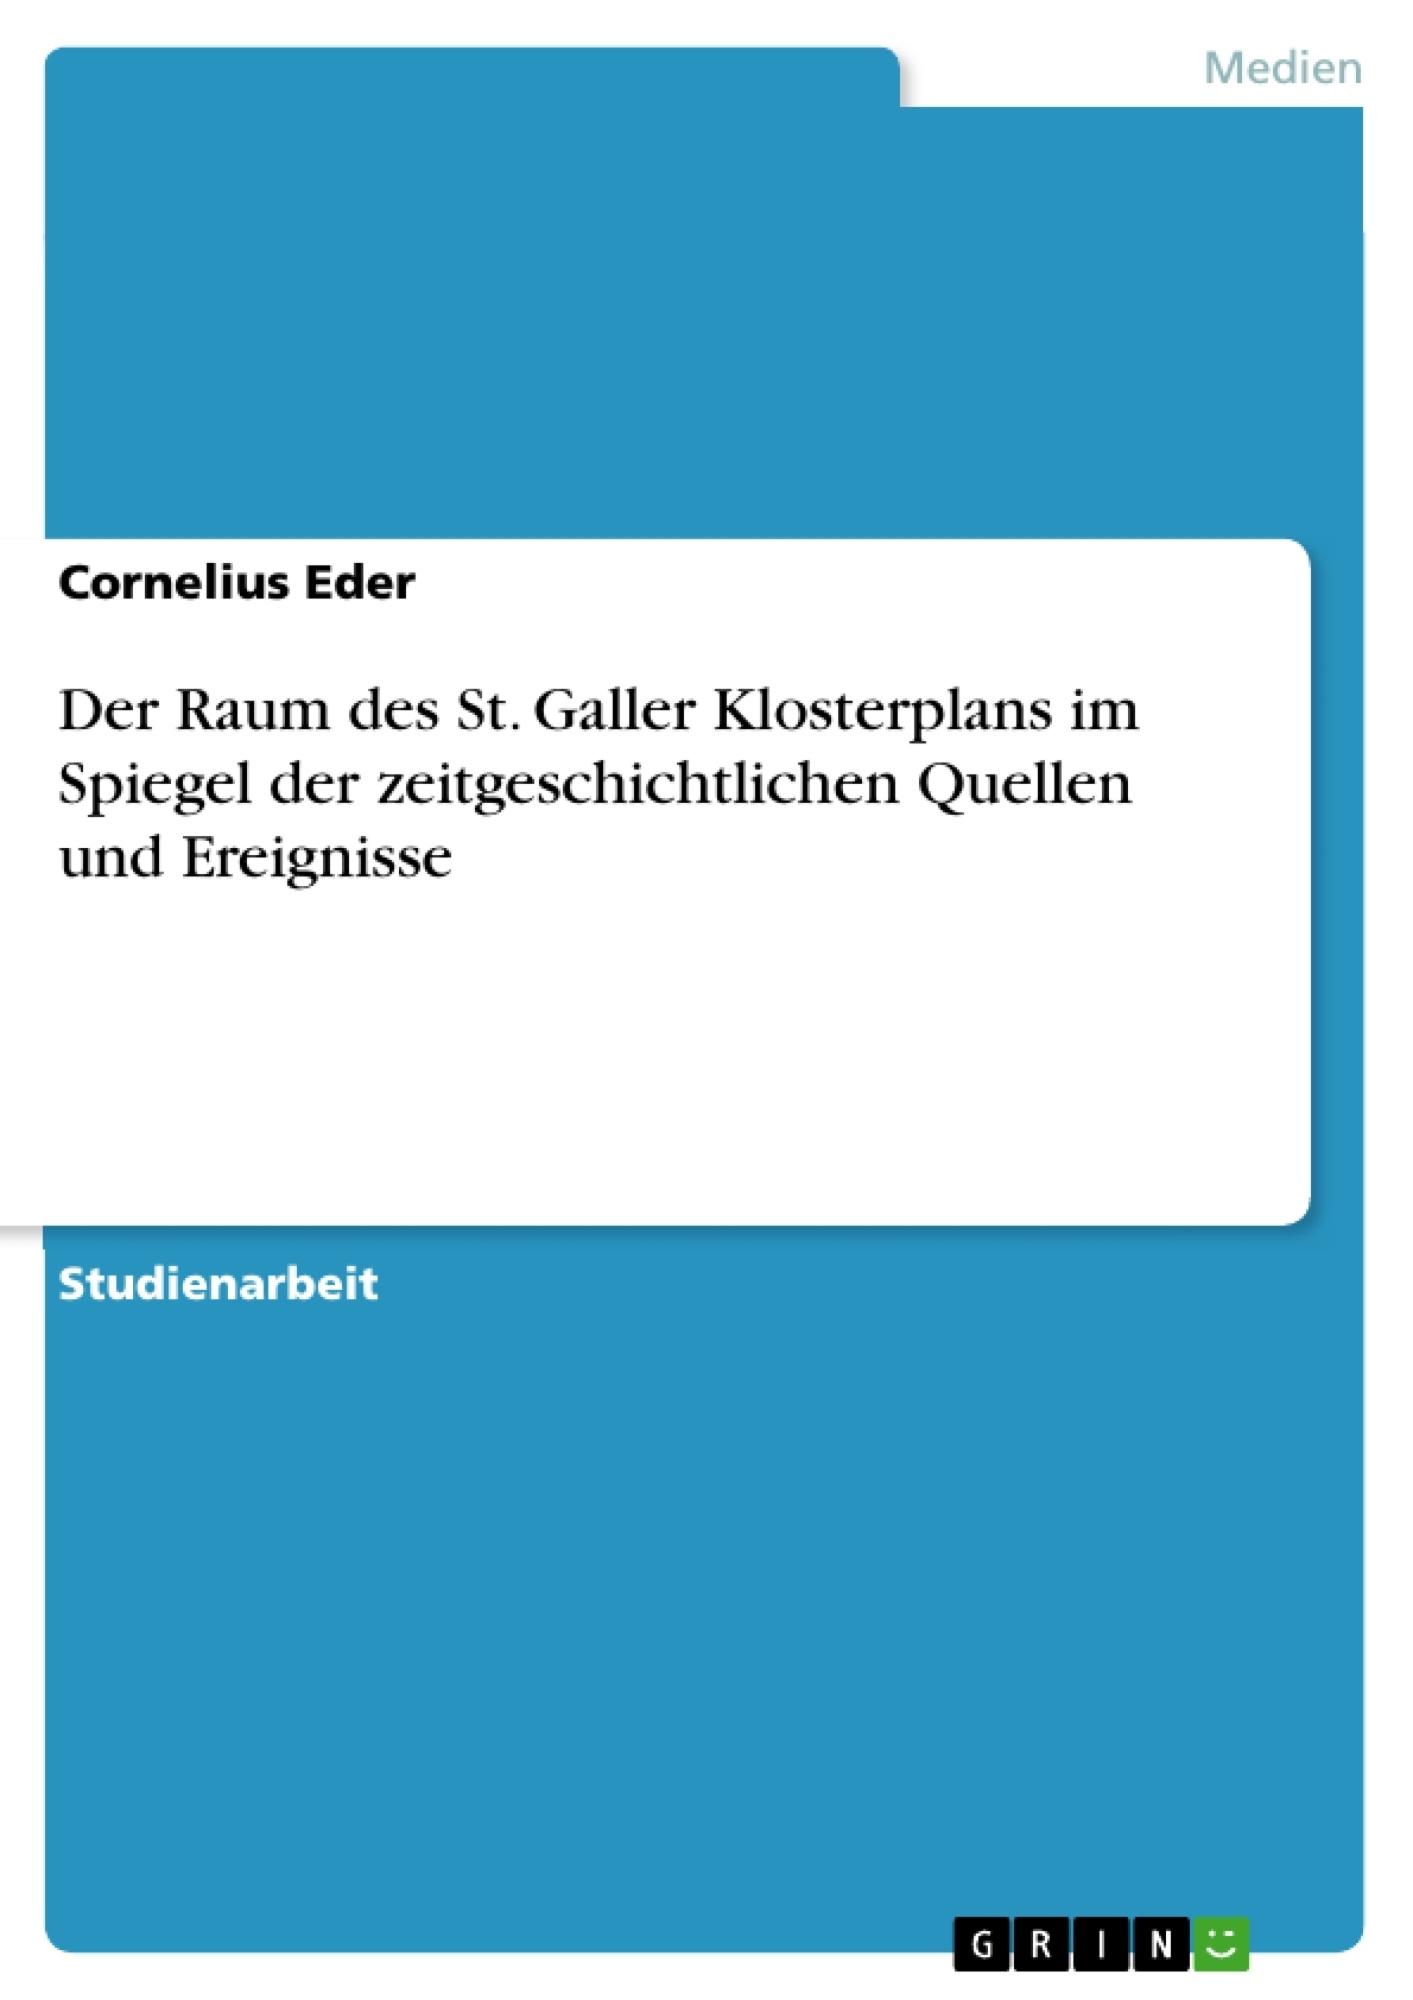 Titel: Der Raum des St. Galler Klosterplans im Spiegel der zeitgeschichtlichen Quellen und Ereignisse